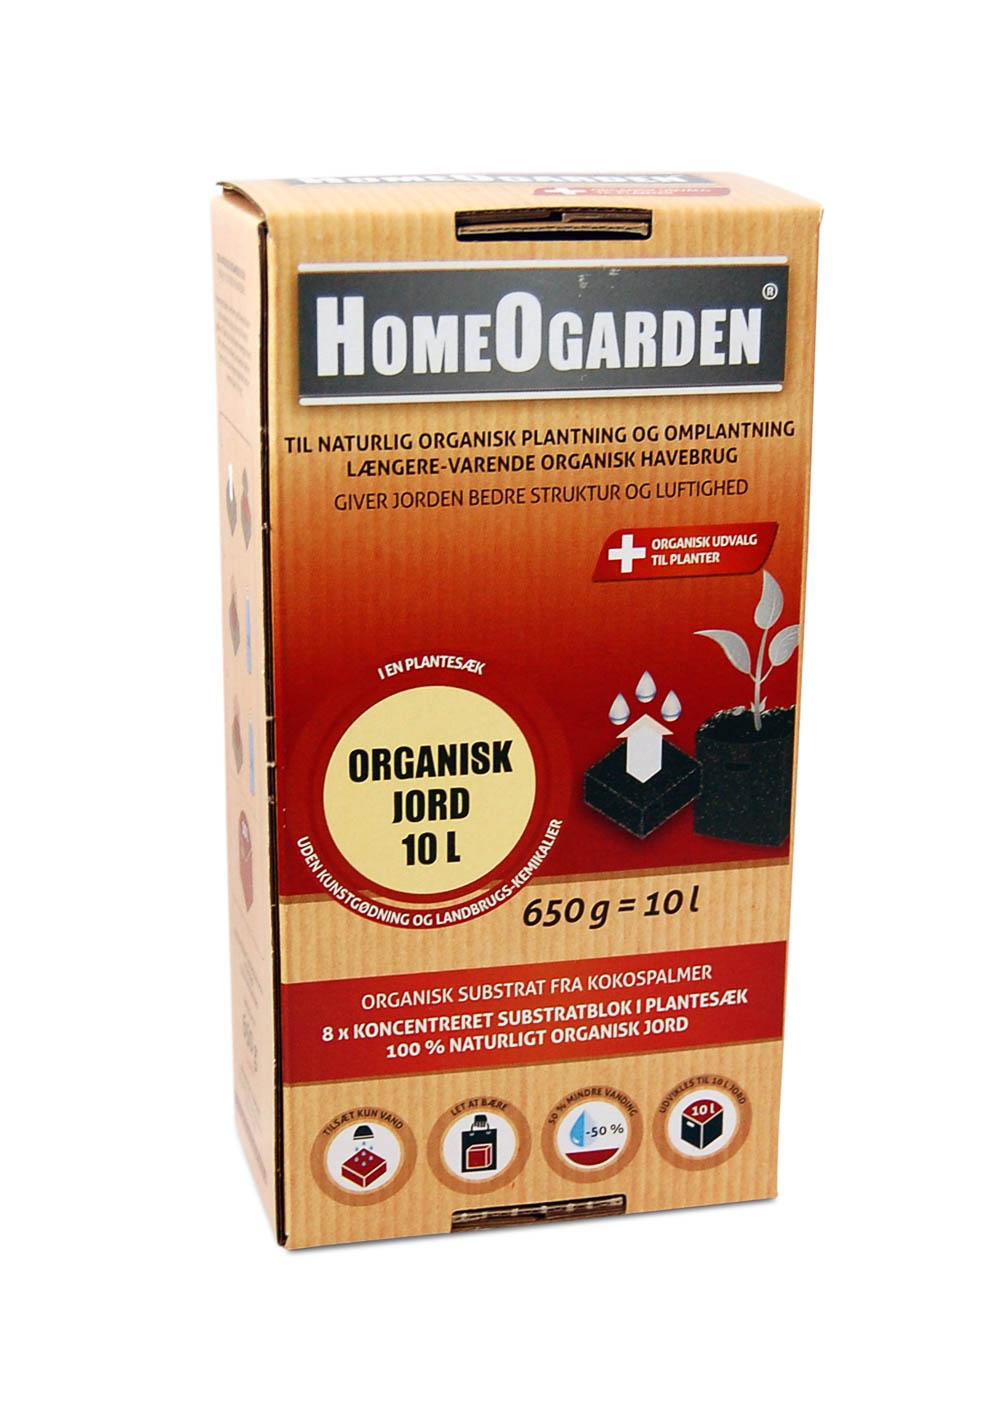 Organisk Jord 10 Liter